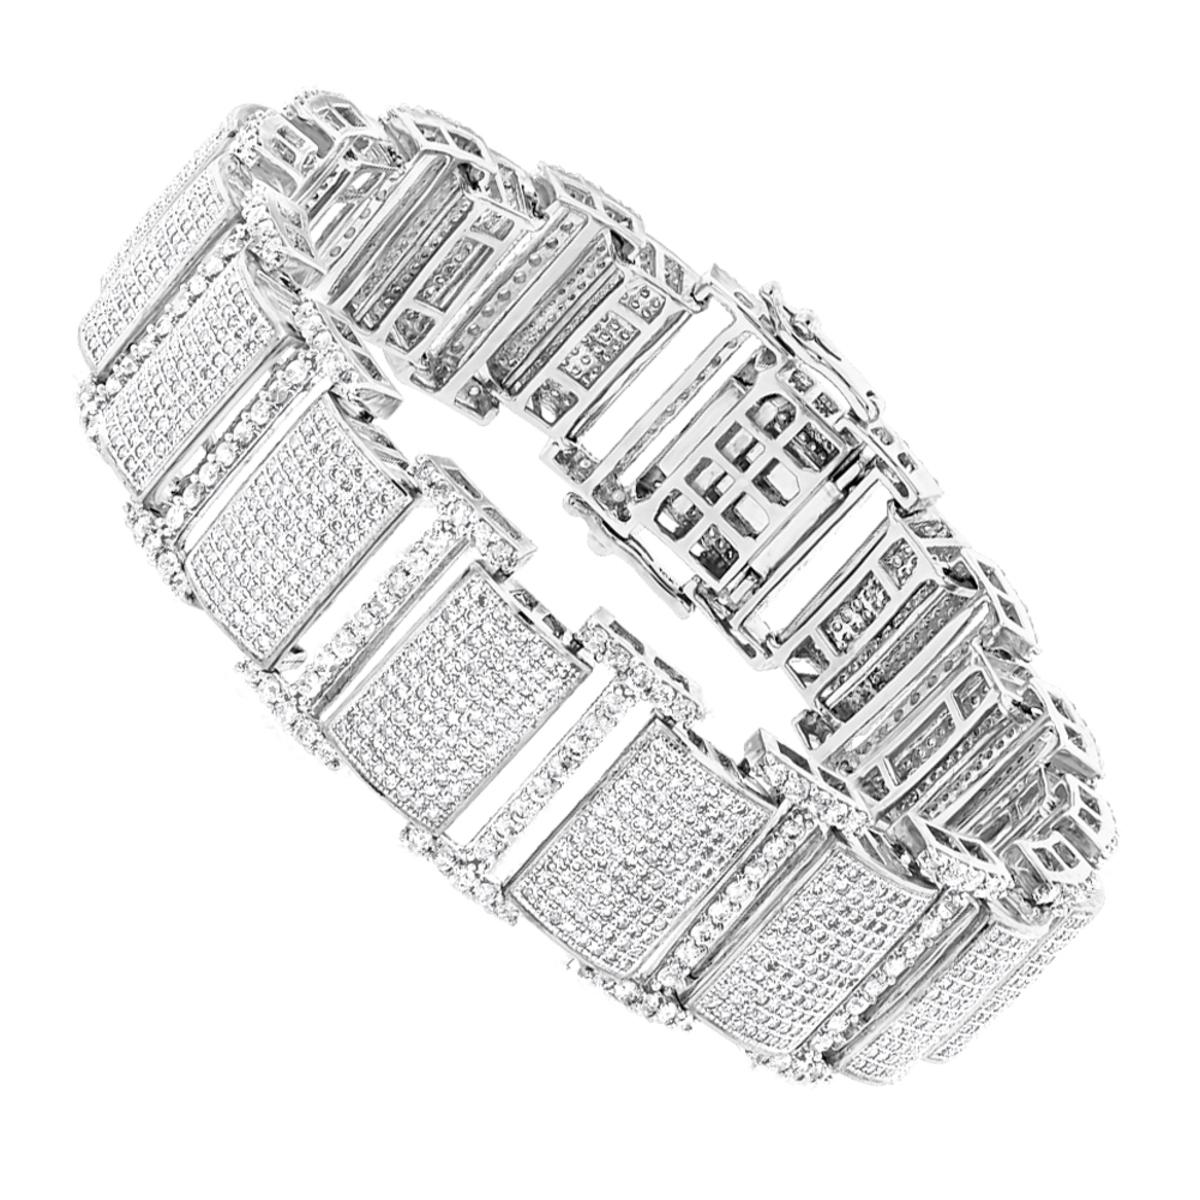 Iced Out Bracelets: 10K Pave Diamond Bracelet for Men 13.78